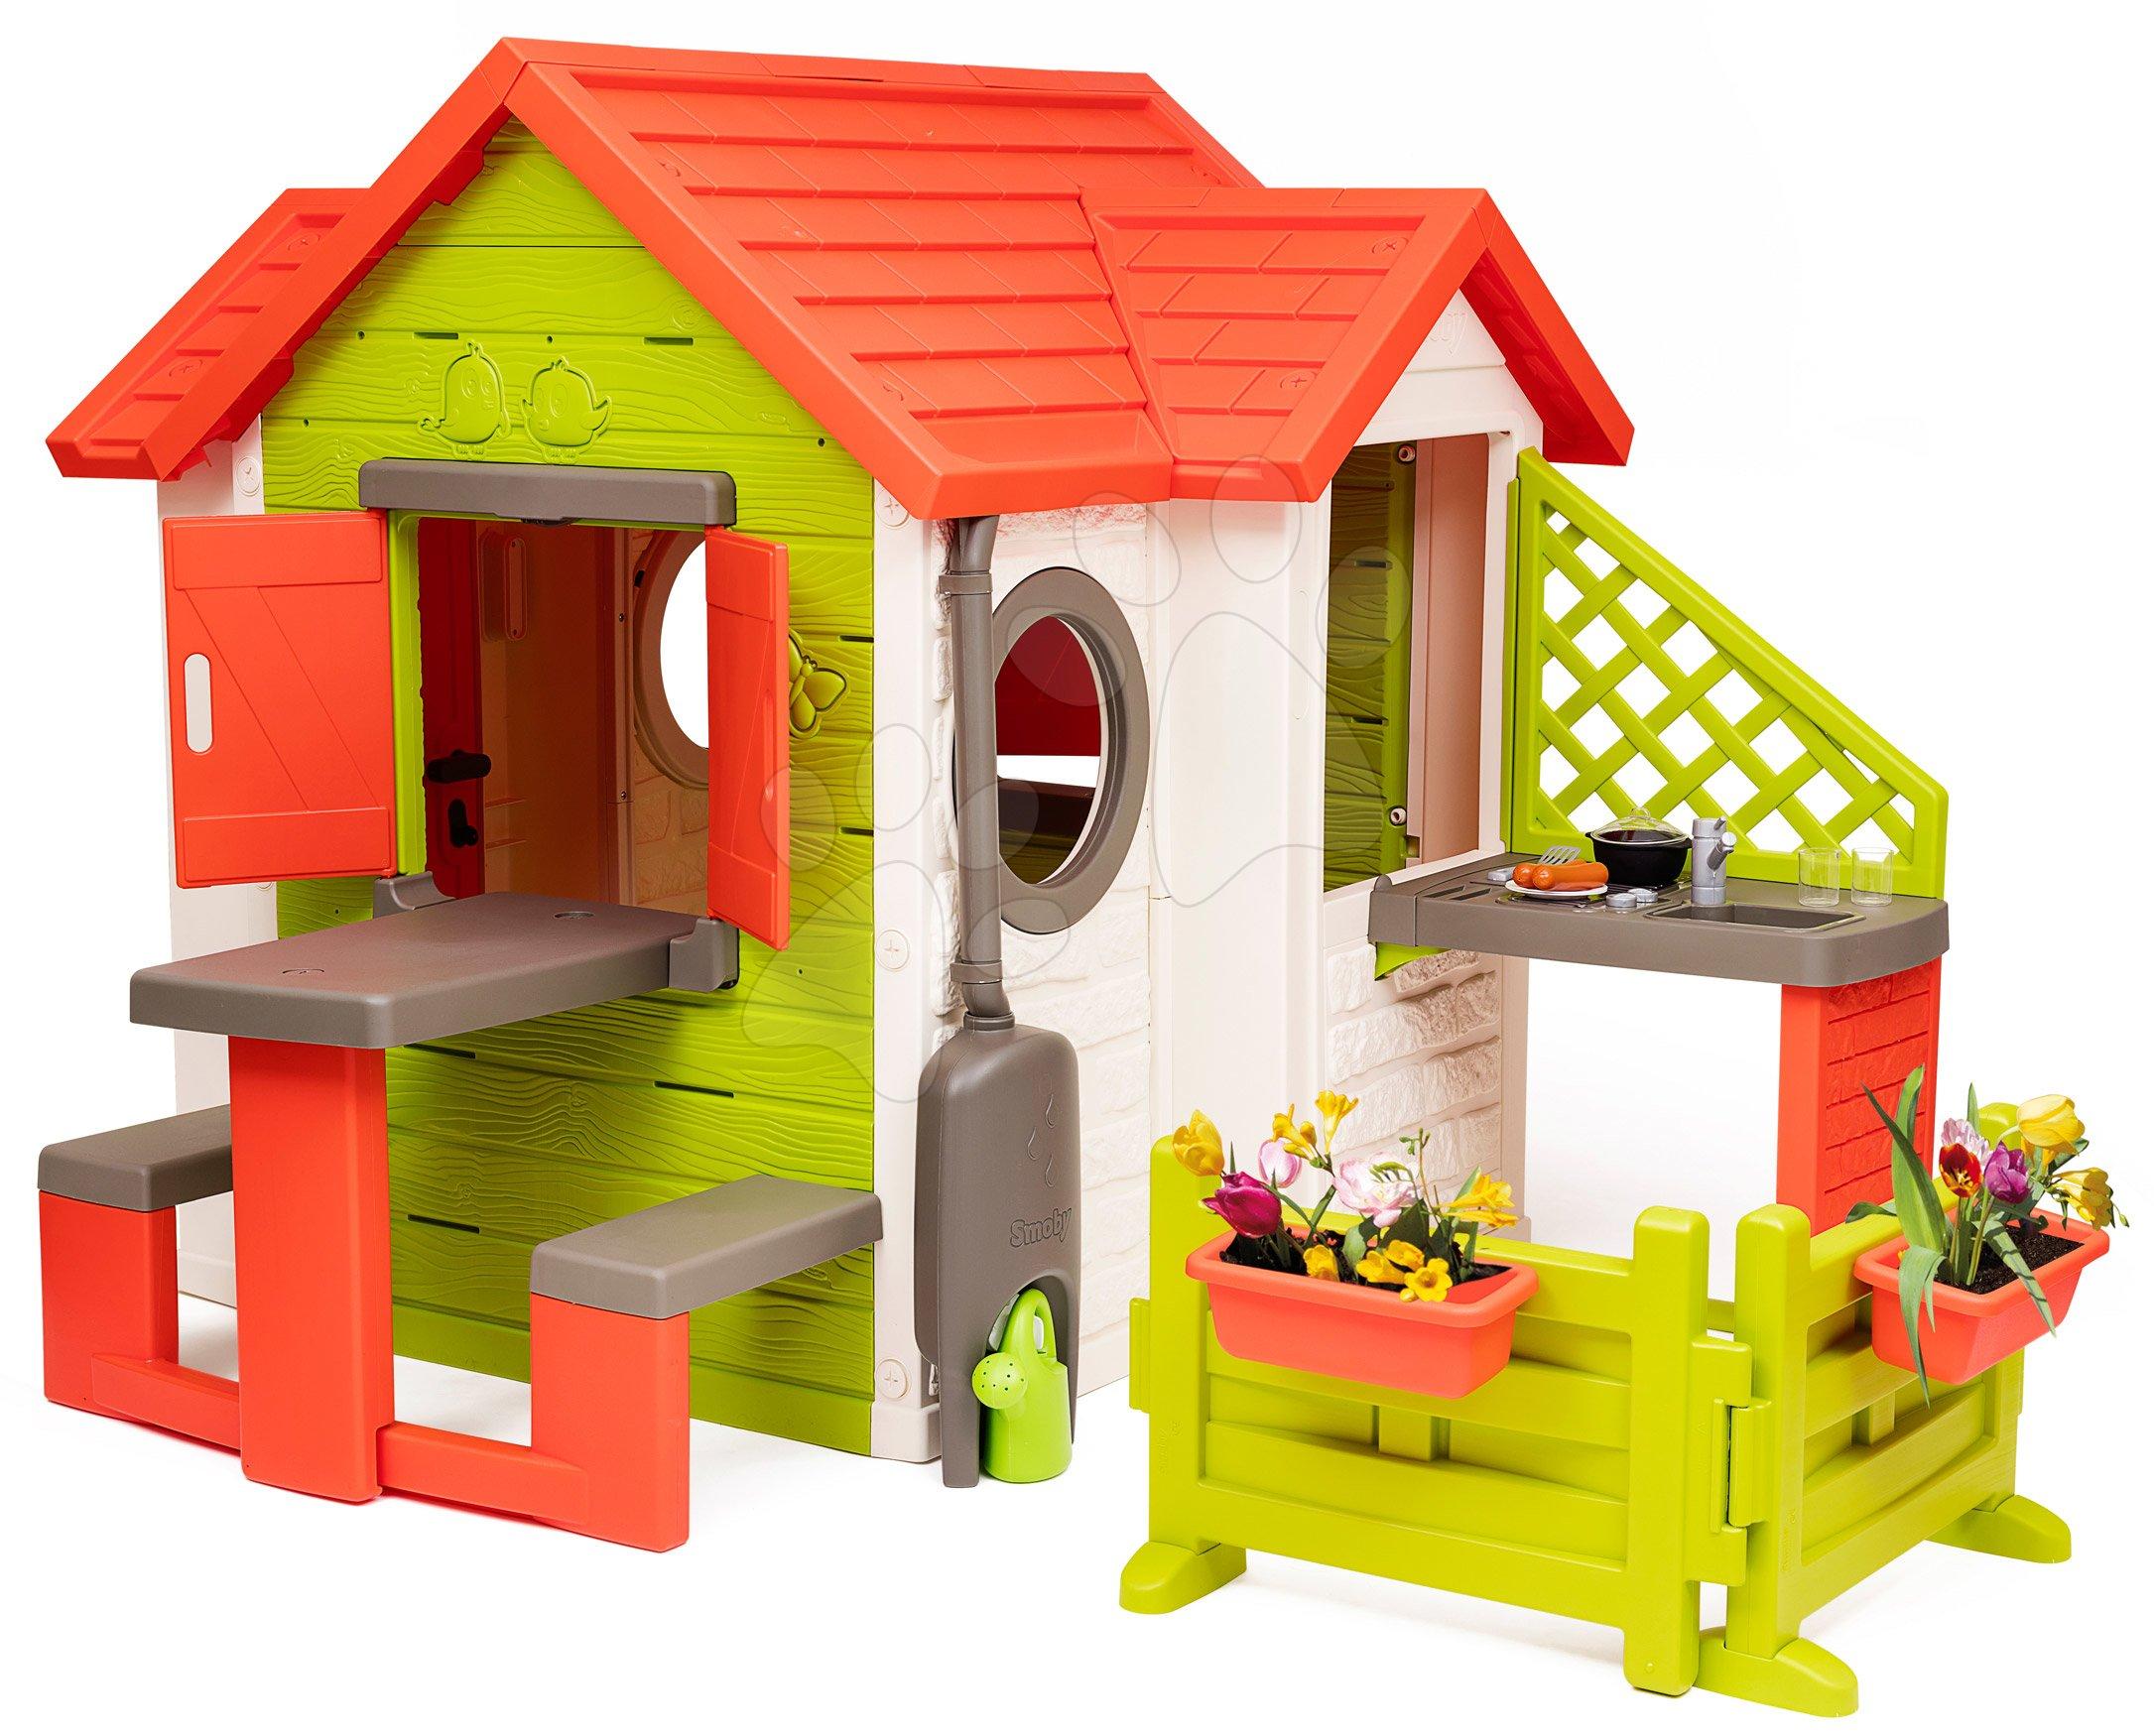 Domeček My Neo House DeLuxe Smoby s komplet nástavbovým řešením od 24 měsíců